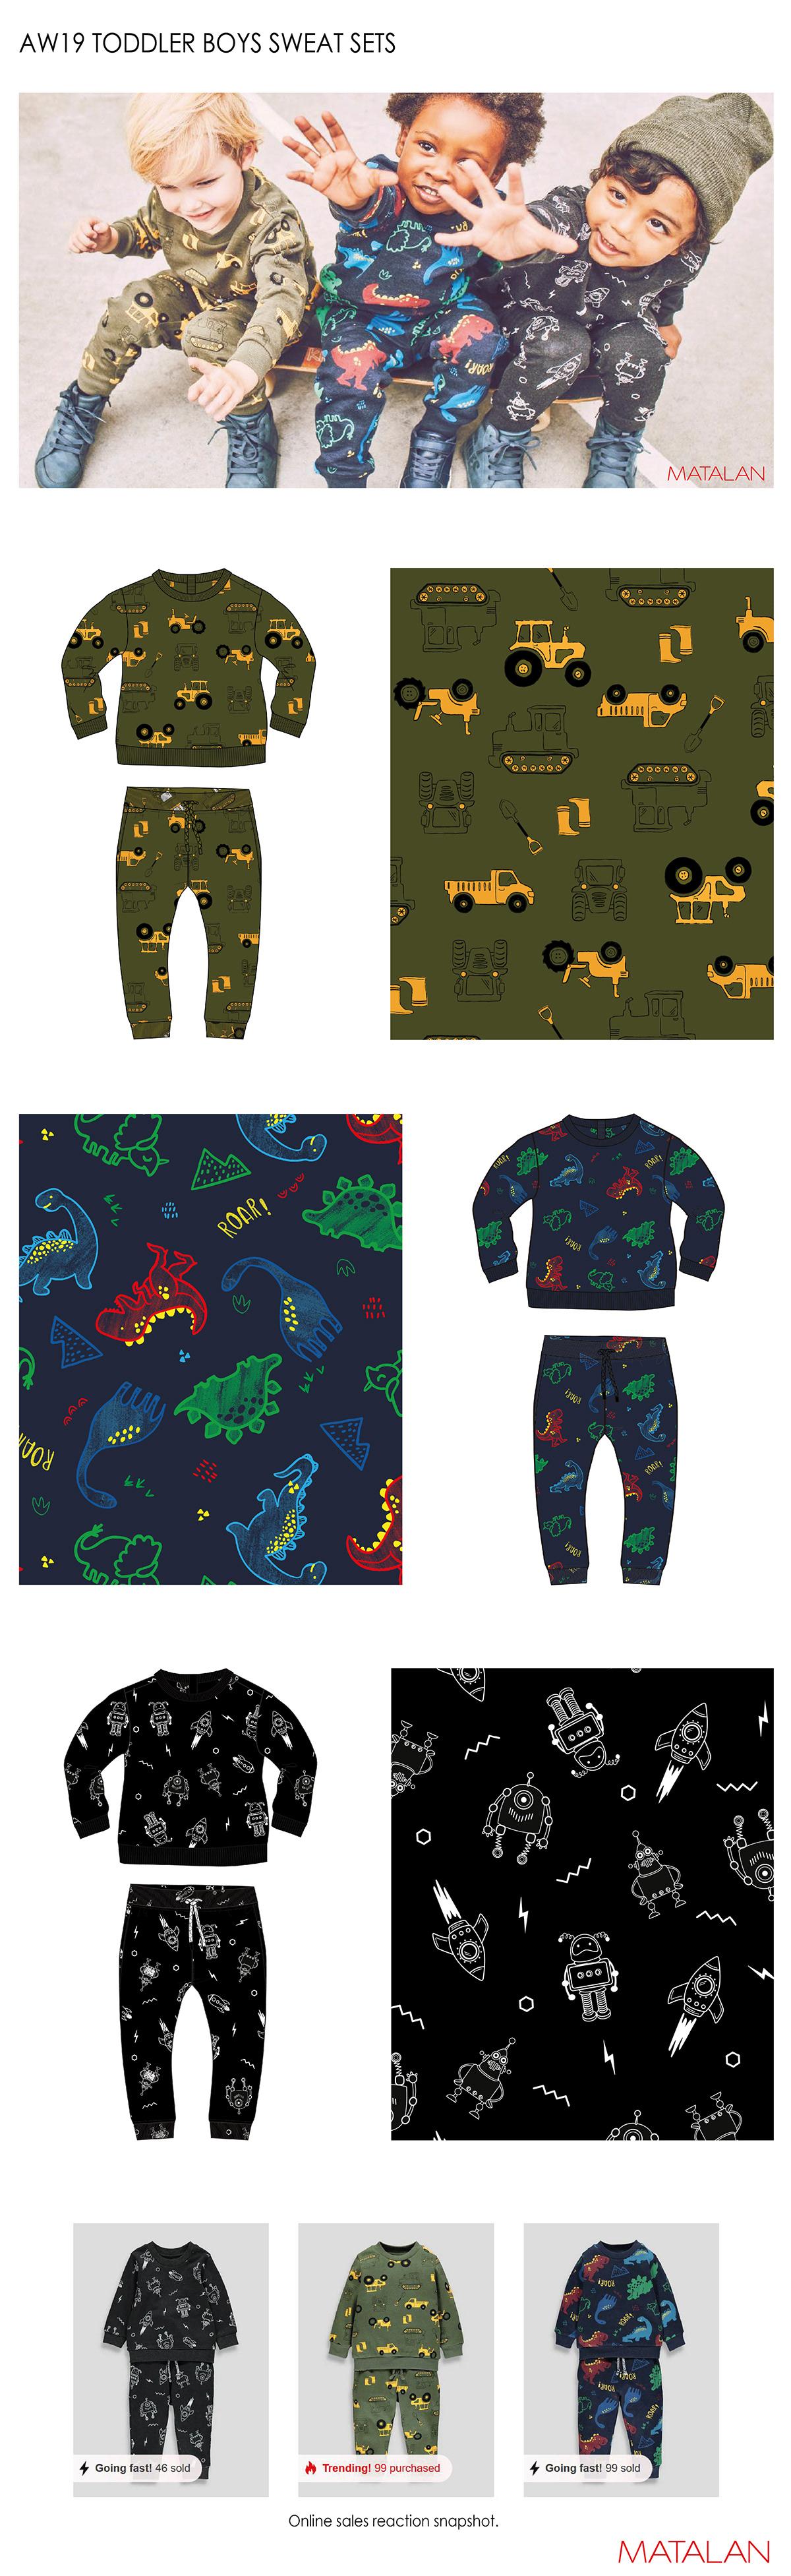 Fashion  Childrenswear KIDSWEAR FASHION Dinosaur Tractor spaceships branding  advertisement adobe